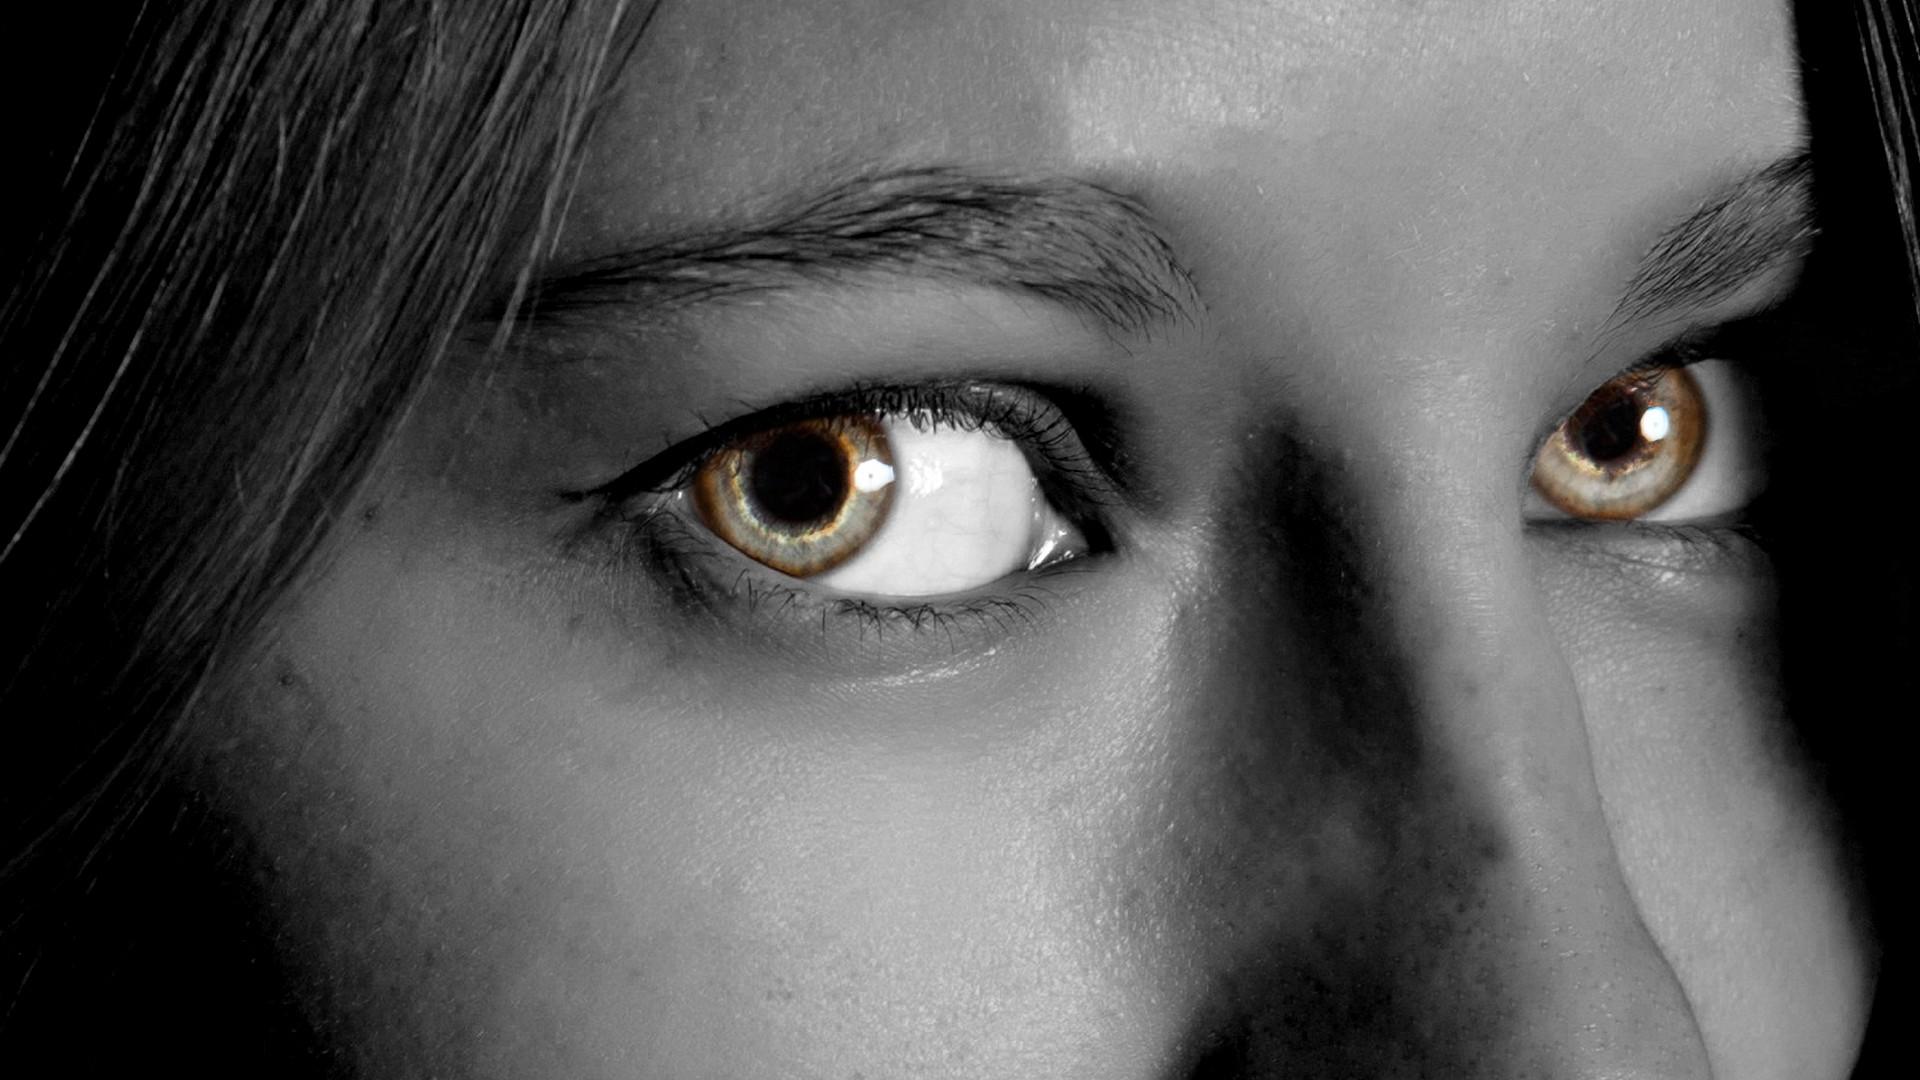 картинки глаза человека в темноте